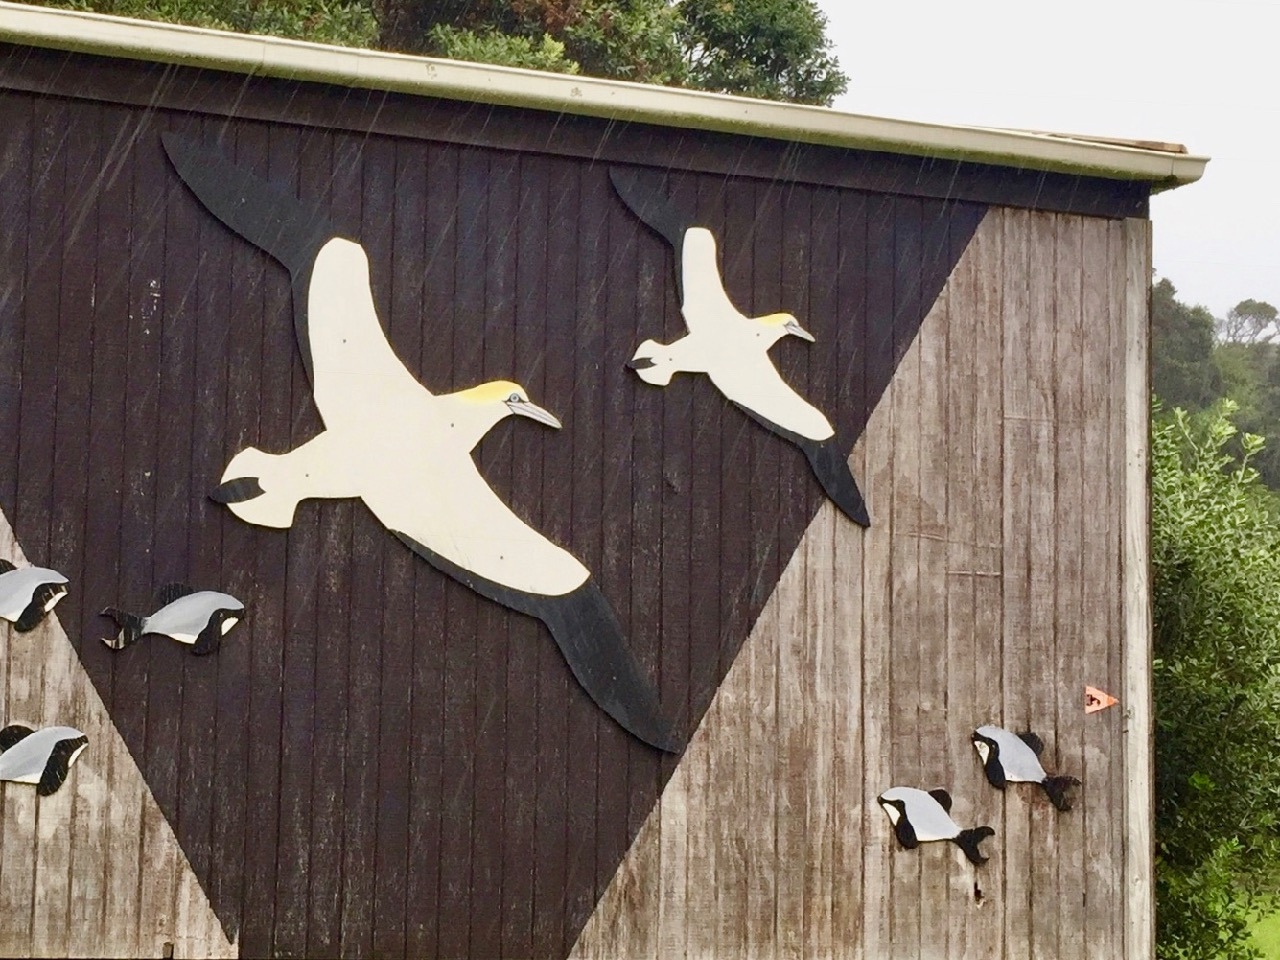 Muriwai gannets